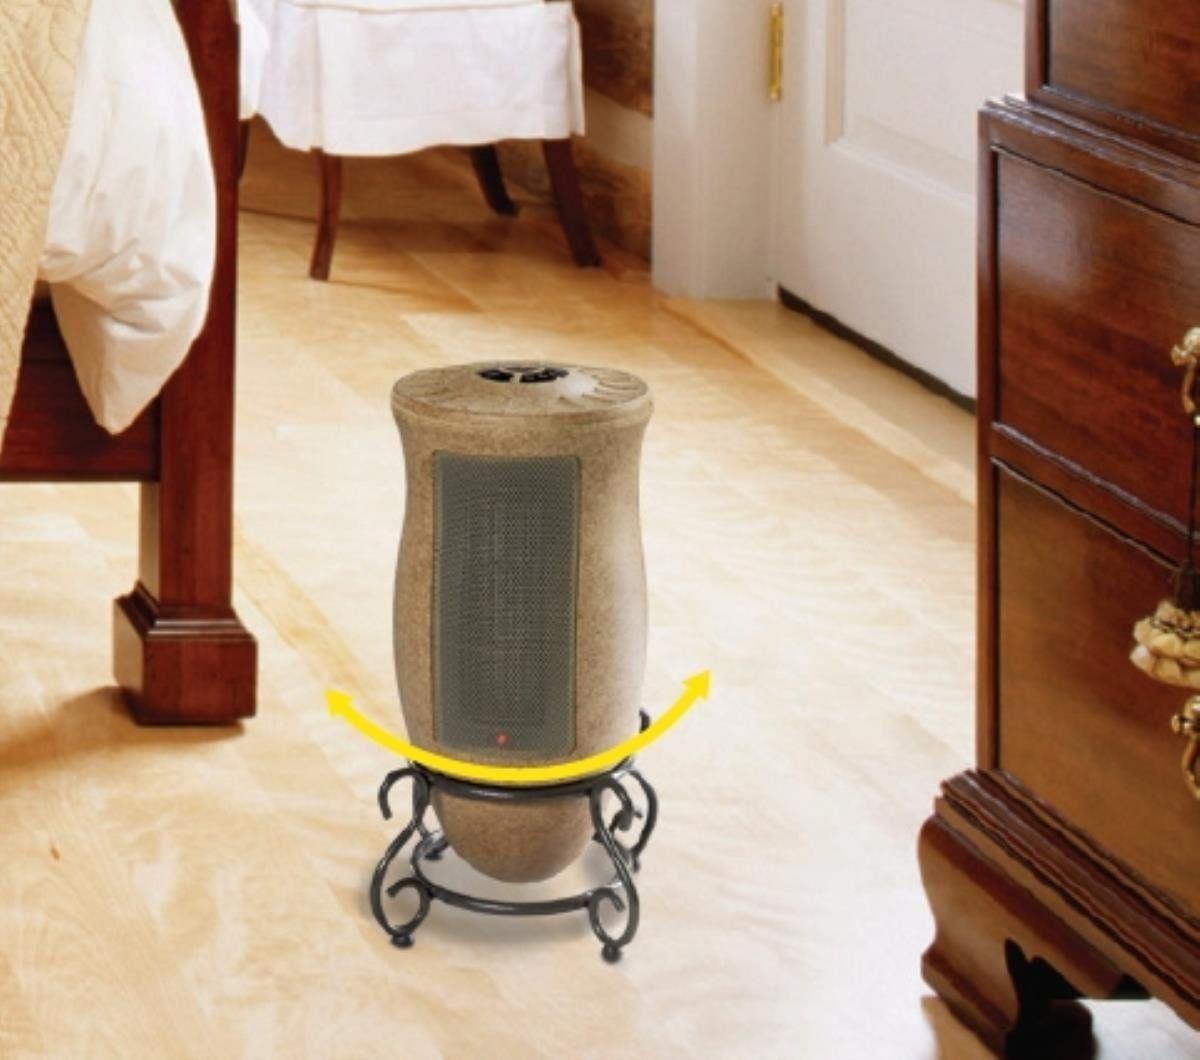 Lasko PORTABLE Oscillating CERAMIC Heater with 2 Quiet